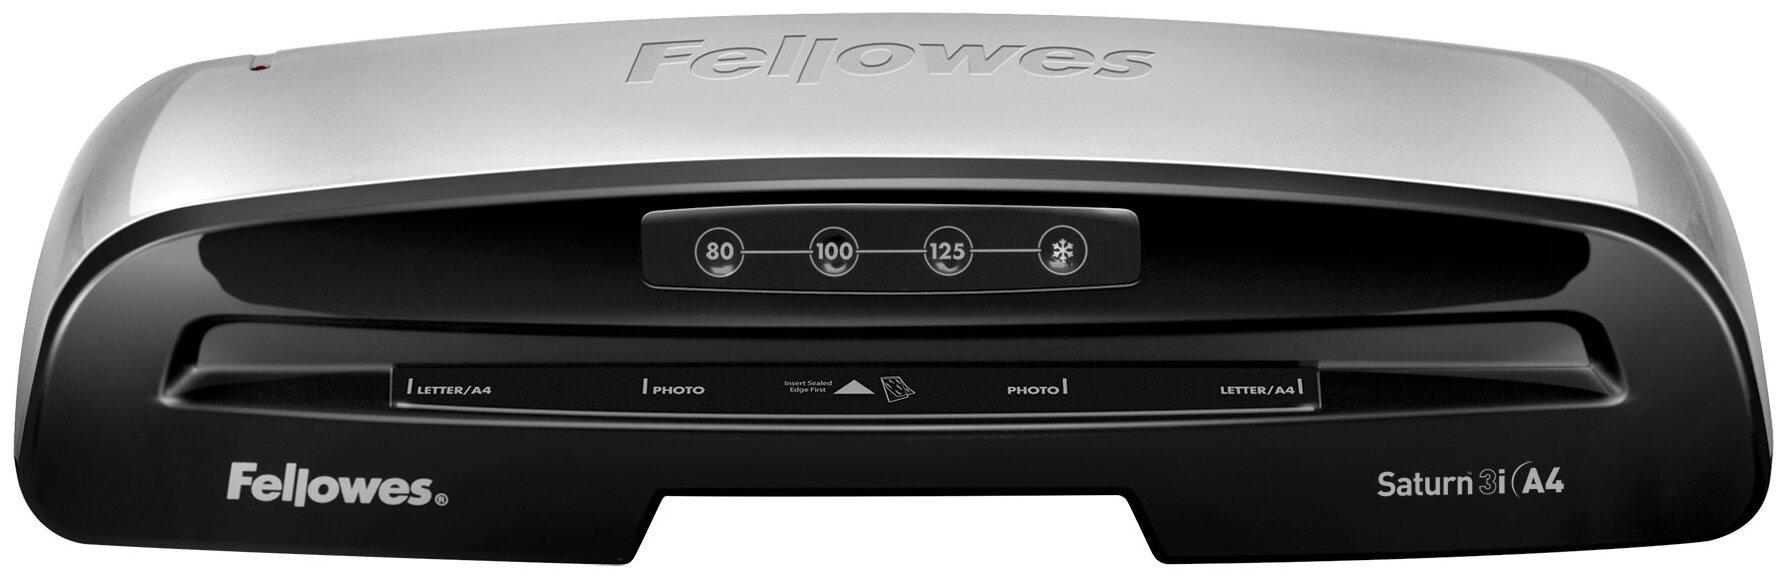 Ламинатор Fellowes Saturn 3i A4 (FS-57248)